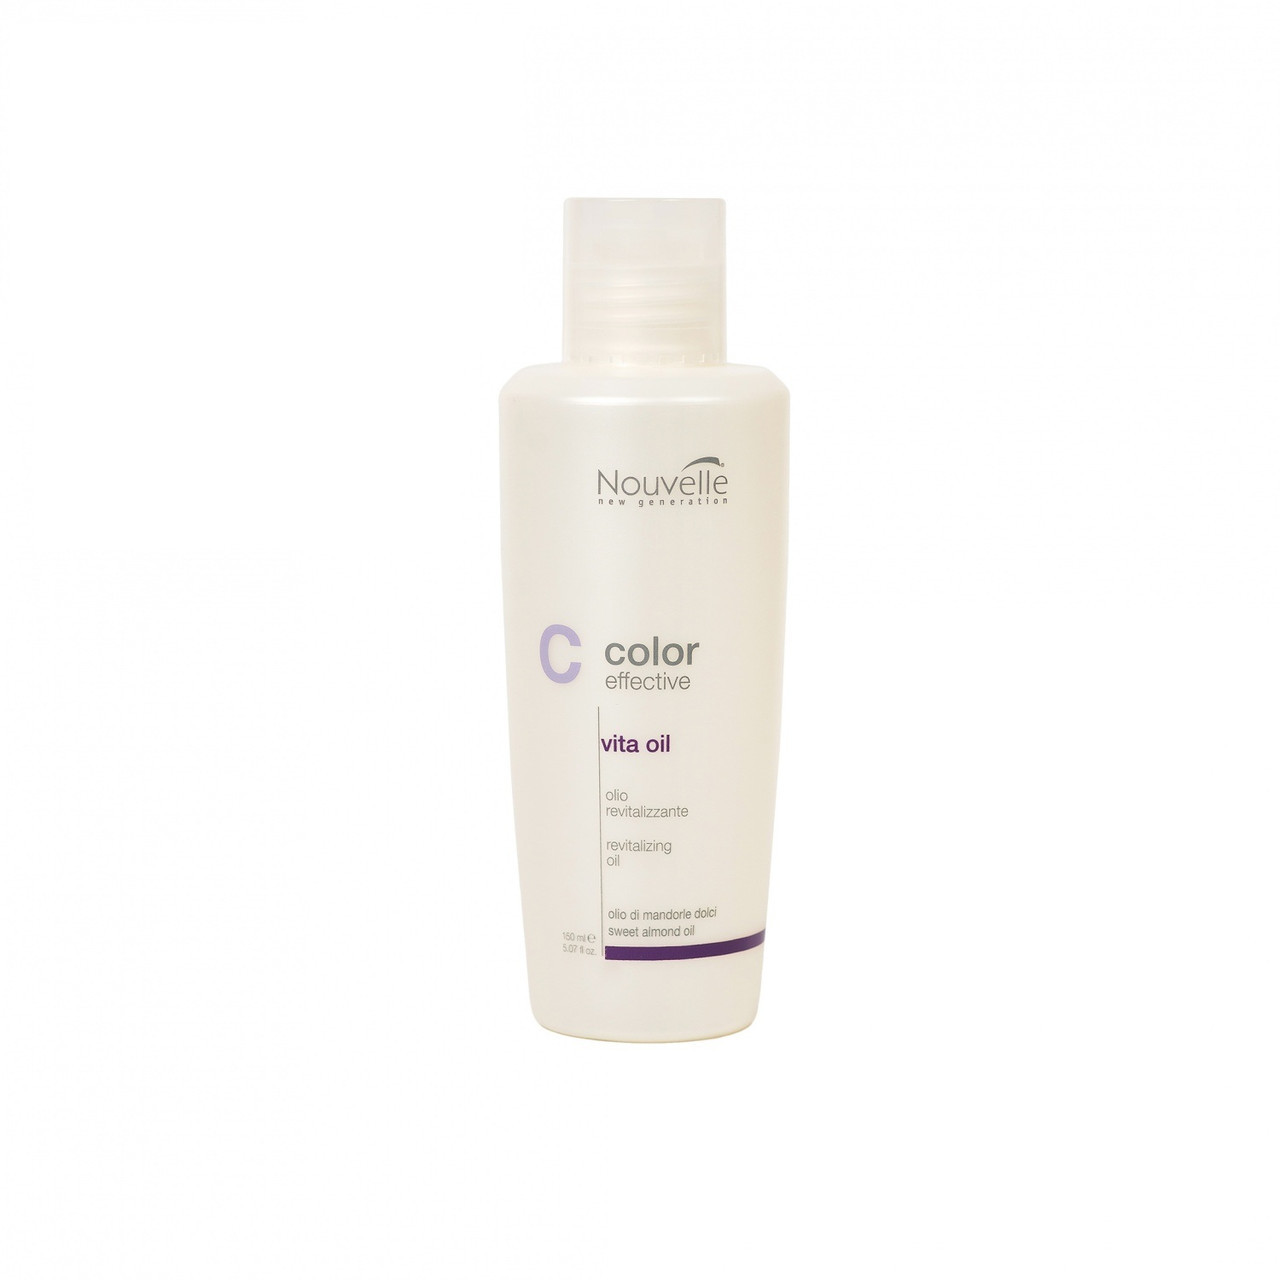 Восстанавливающее масло для волос Nouvelle Vita Oil